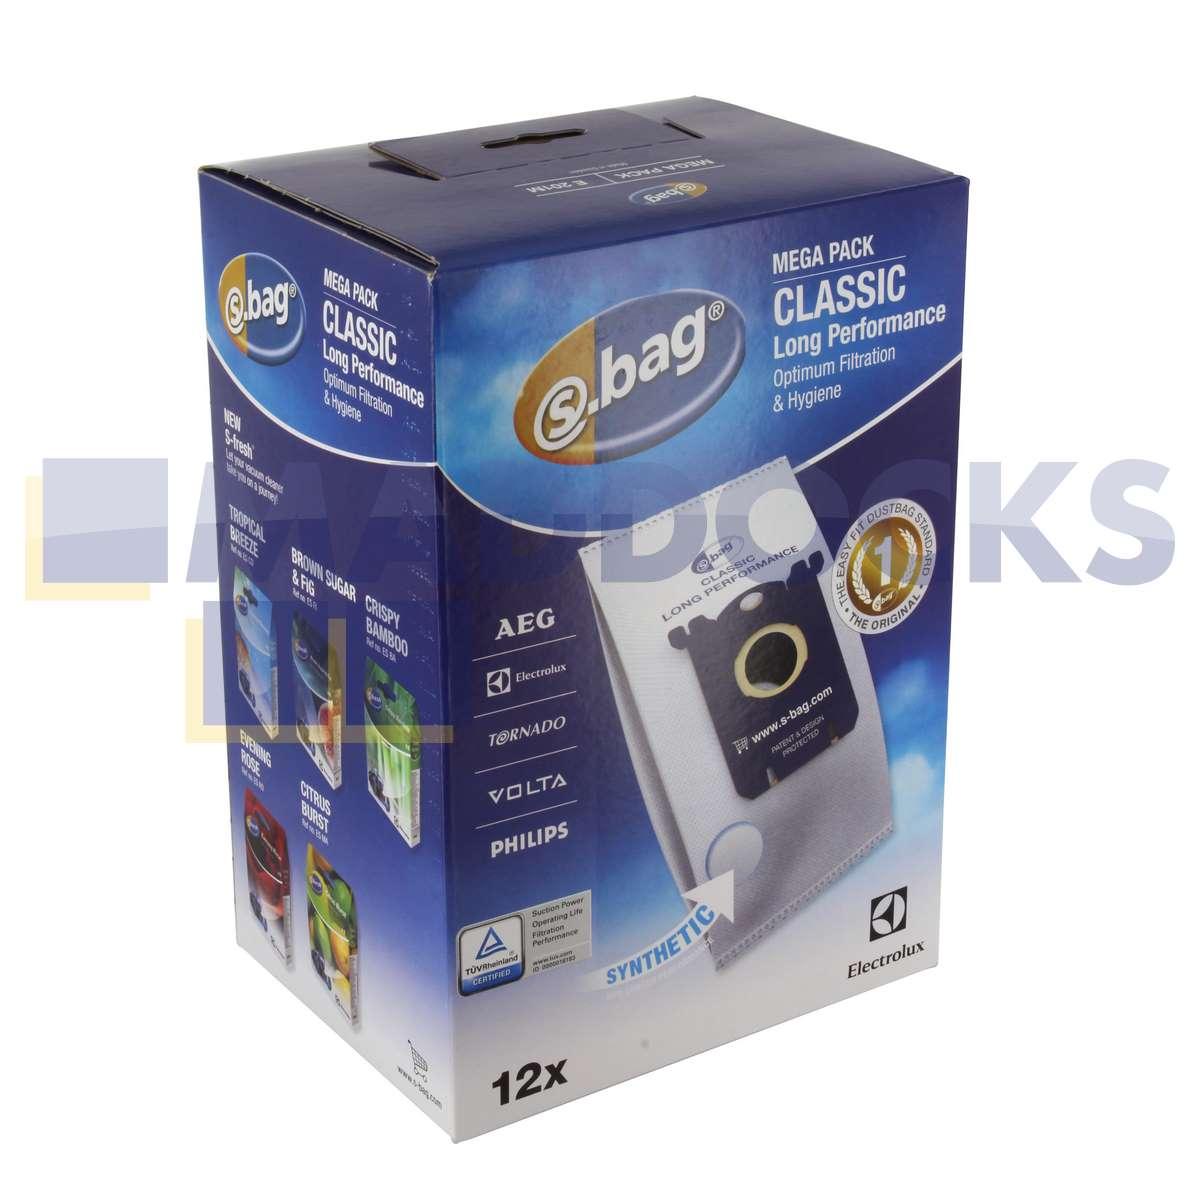 af1d3e922e3 Genuine Original Electrolux S-Bag CLASSIC LONG PERFORMANCE (Pack of 12)  (E201M) : 46-EL-201M